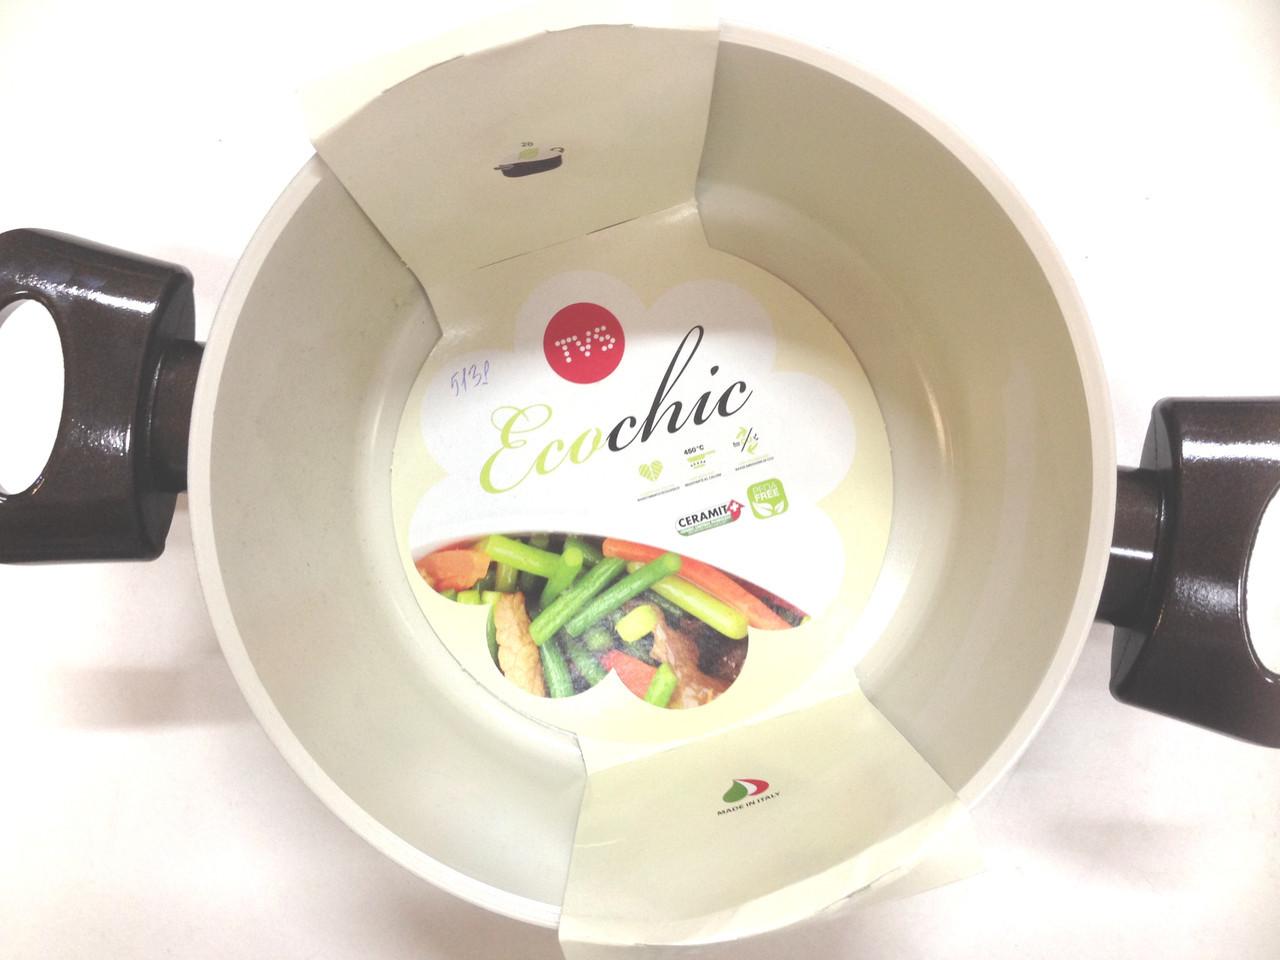 Кастрюля-Eco Chic-5131 20 см